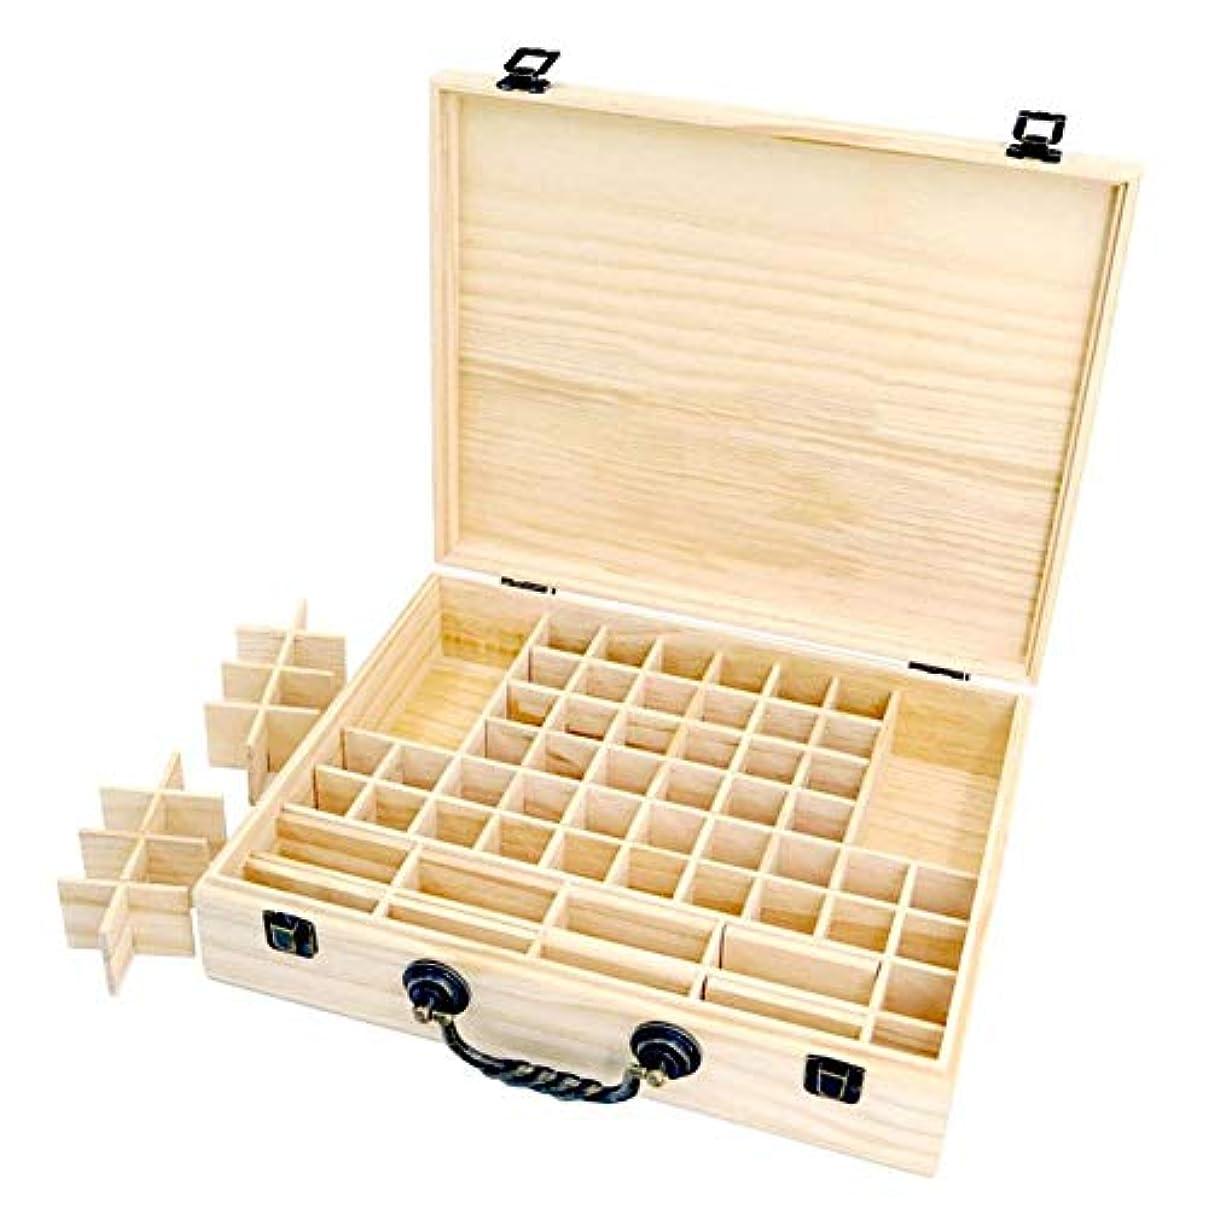 部分的違法ポーンエッセンシャルオイル収納ボックス 純木の精油の収納箱 香水収納ケース アロマオイル収納ボックス 70本用